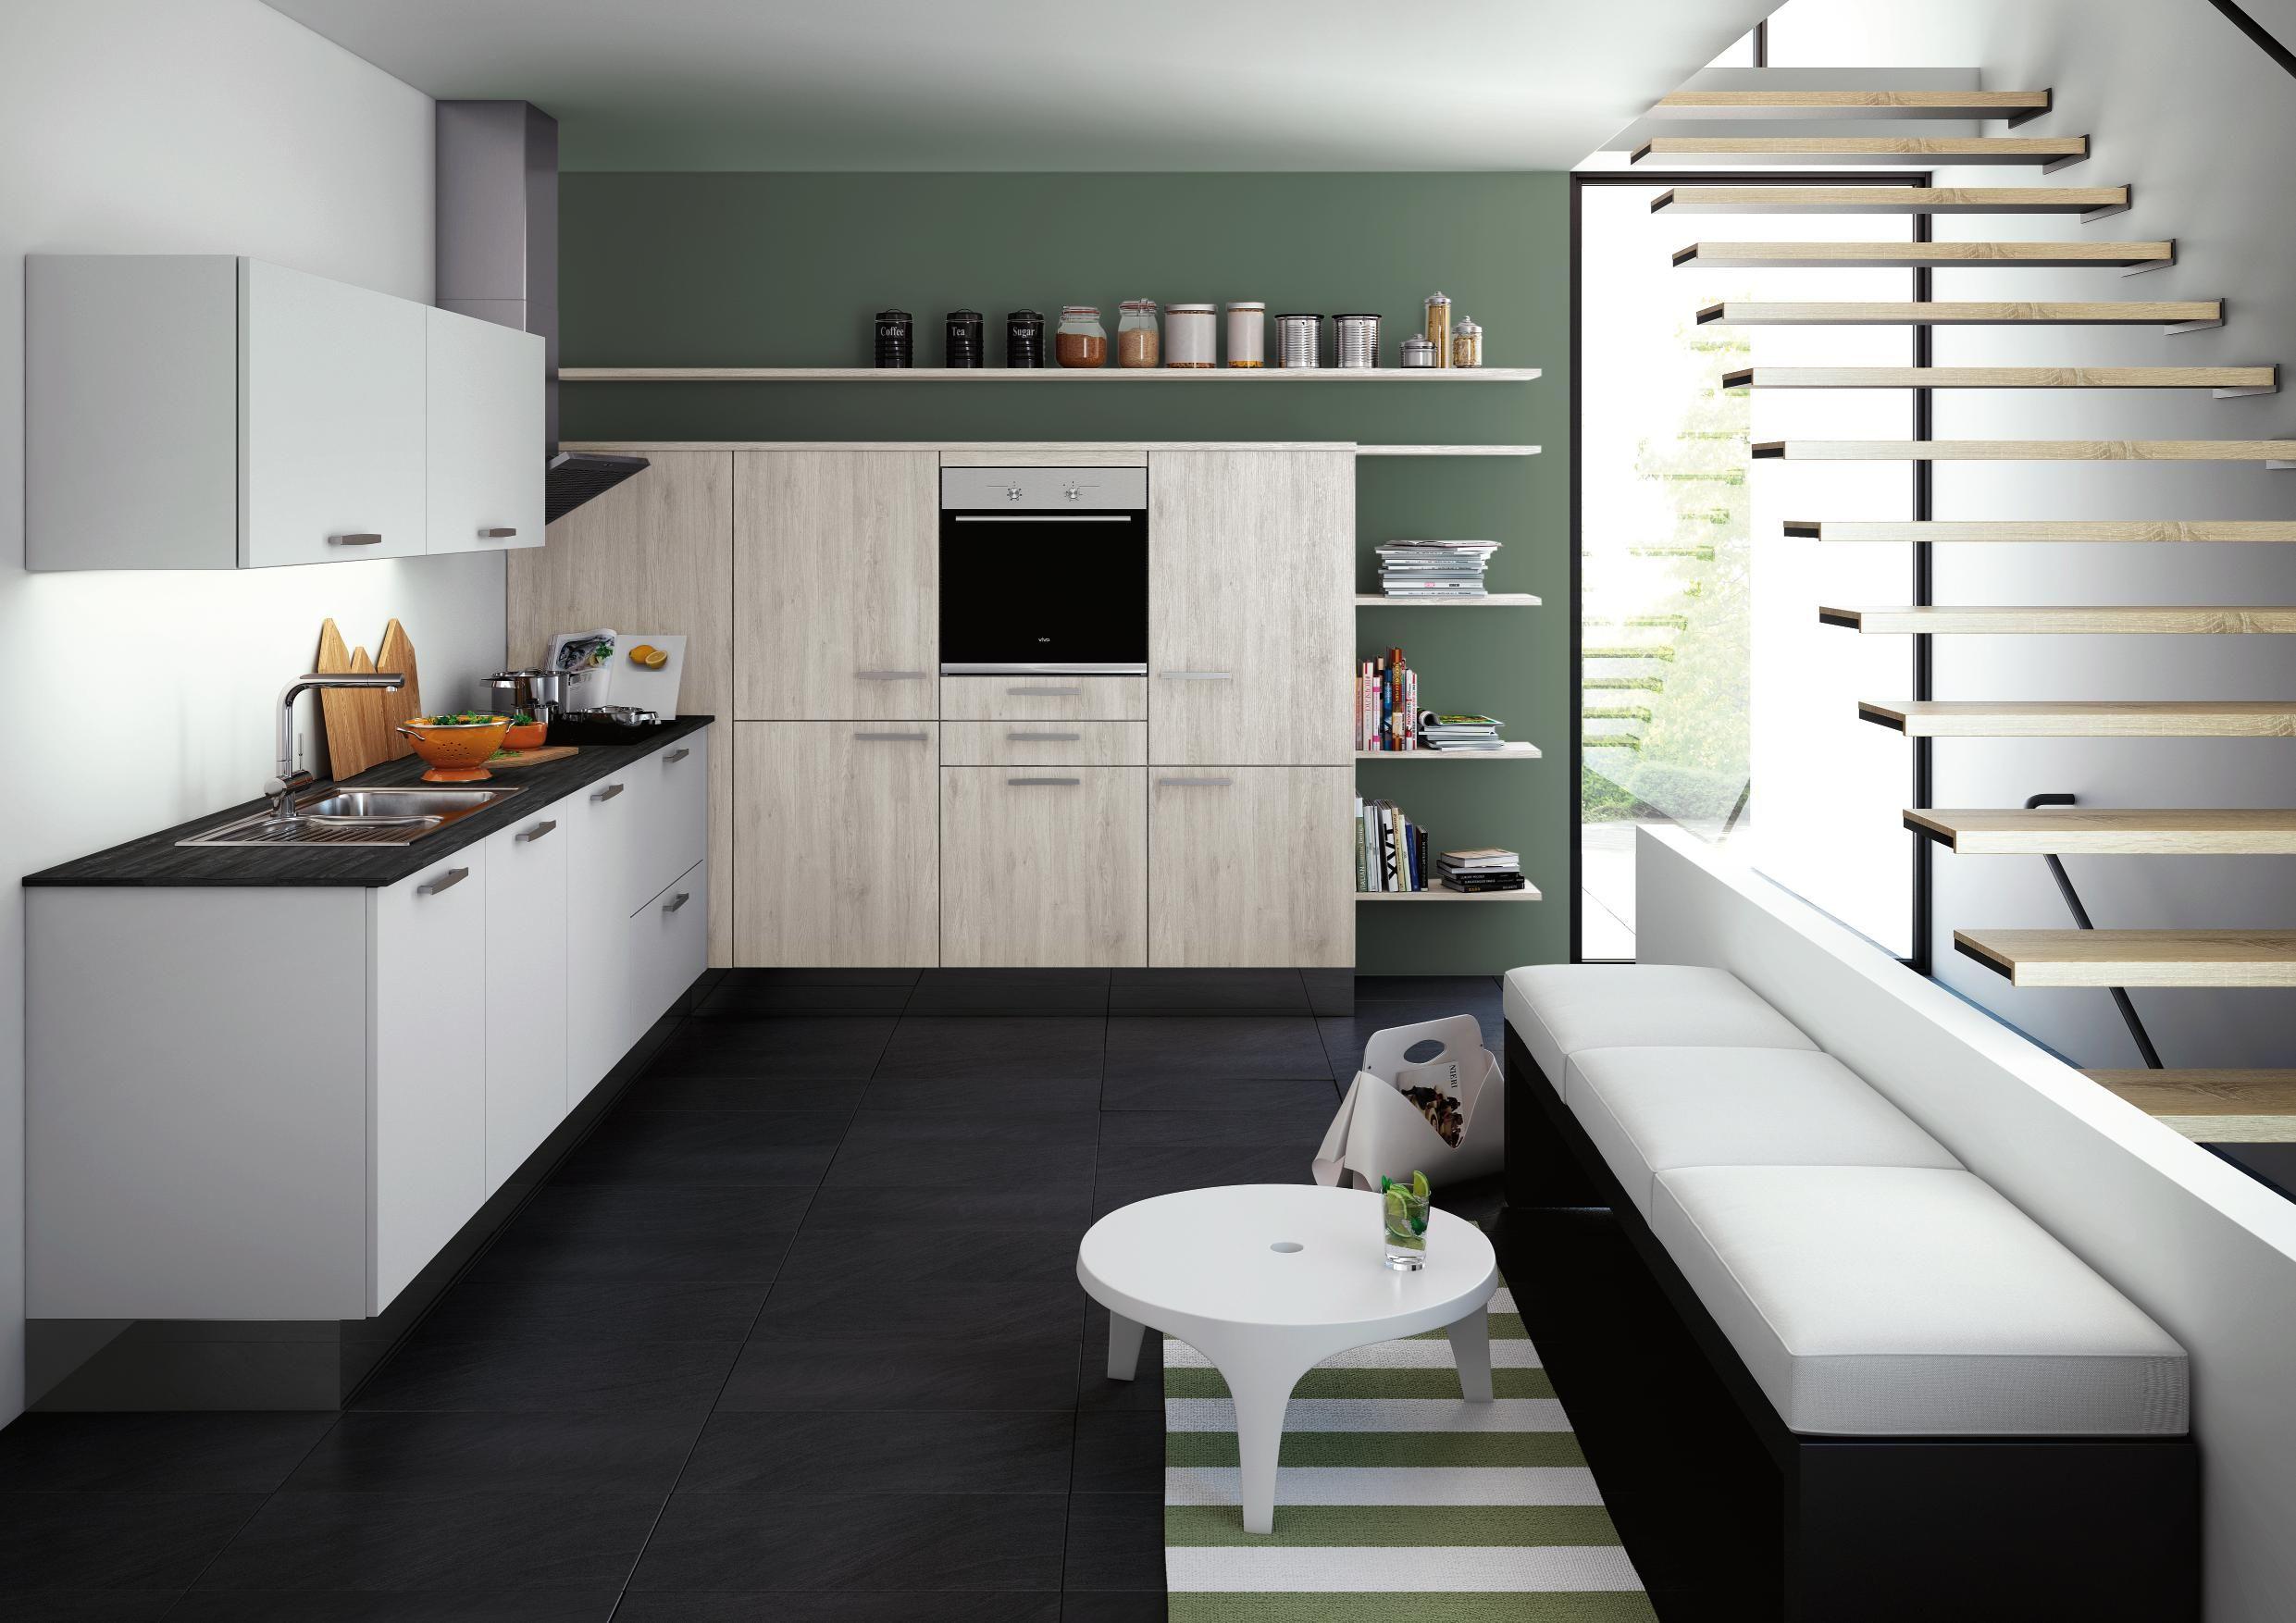 Moderne Einbauküche einbauküche nicol novel moderne küche im eleganten design